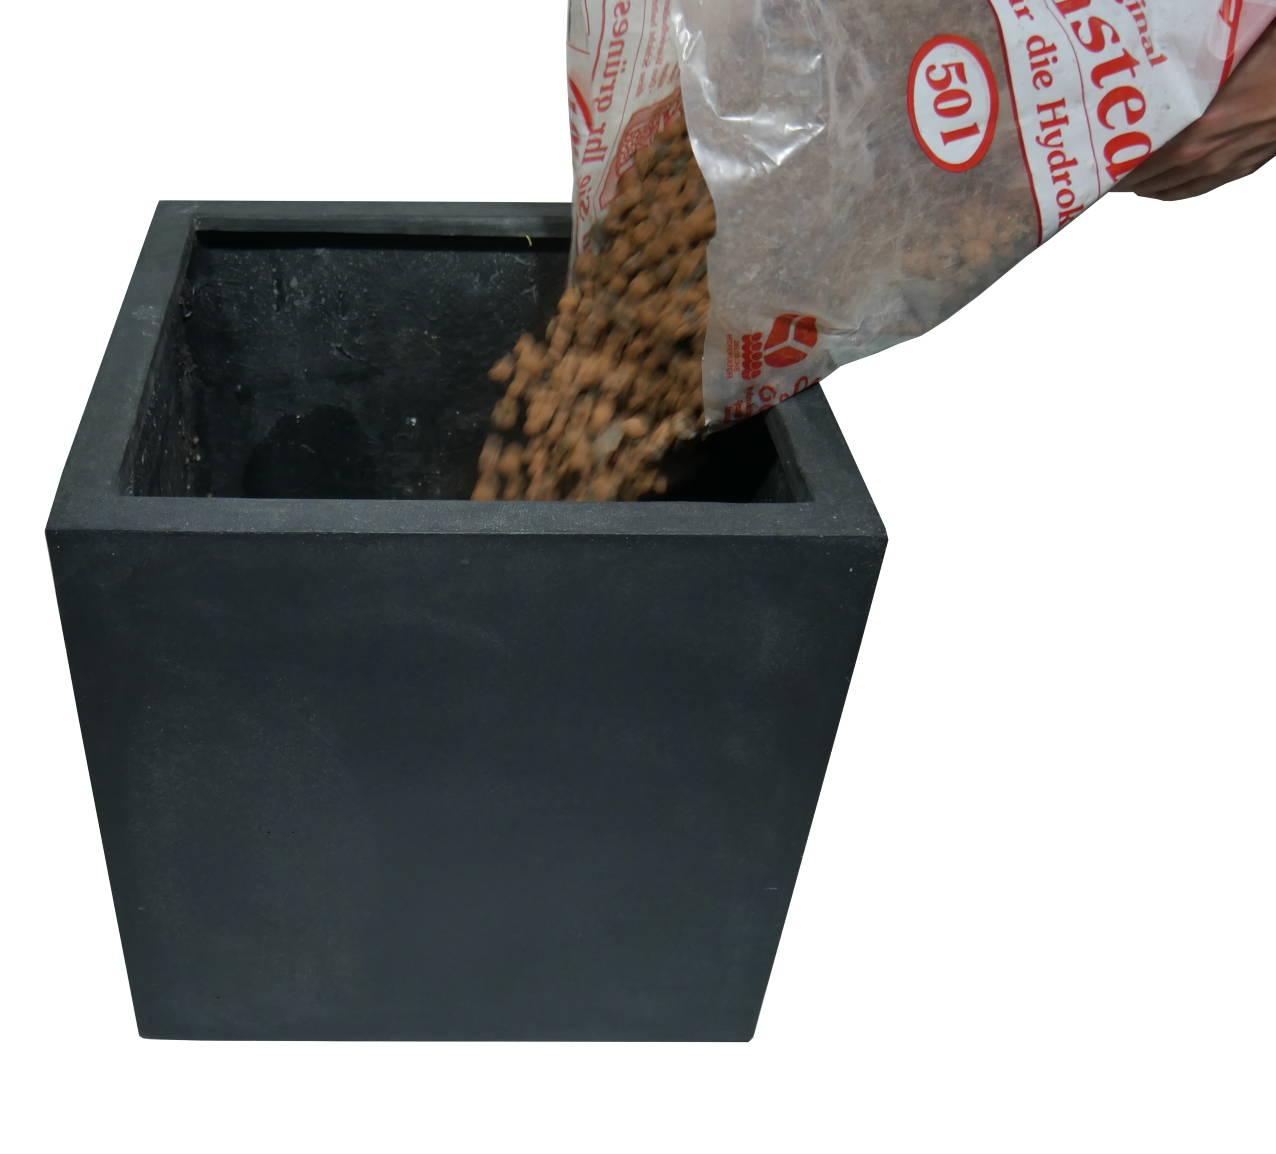 Pflanzgefäß wird mit Blähton aufgefüllt